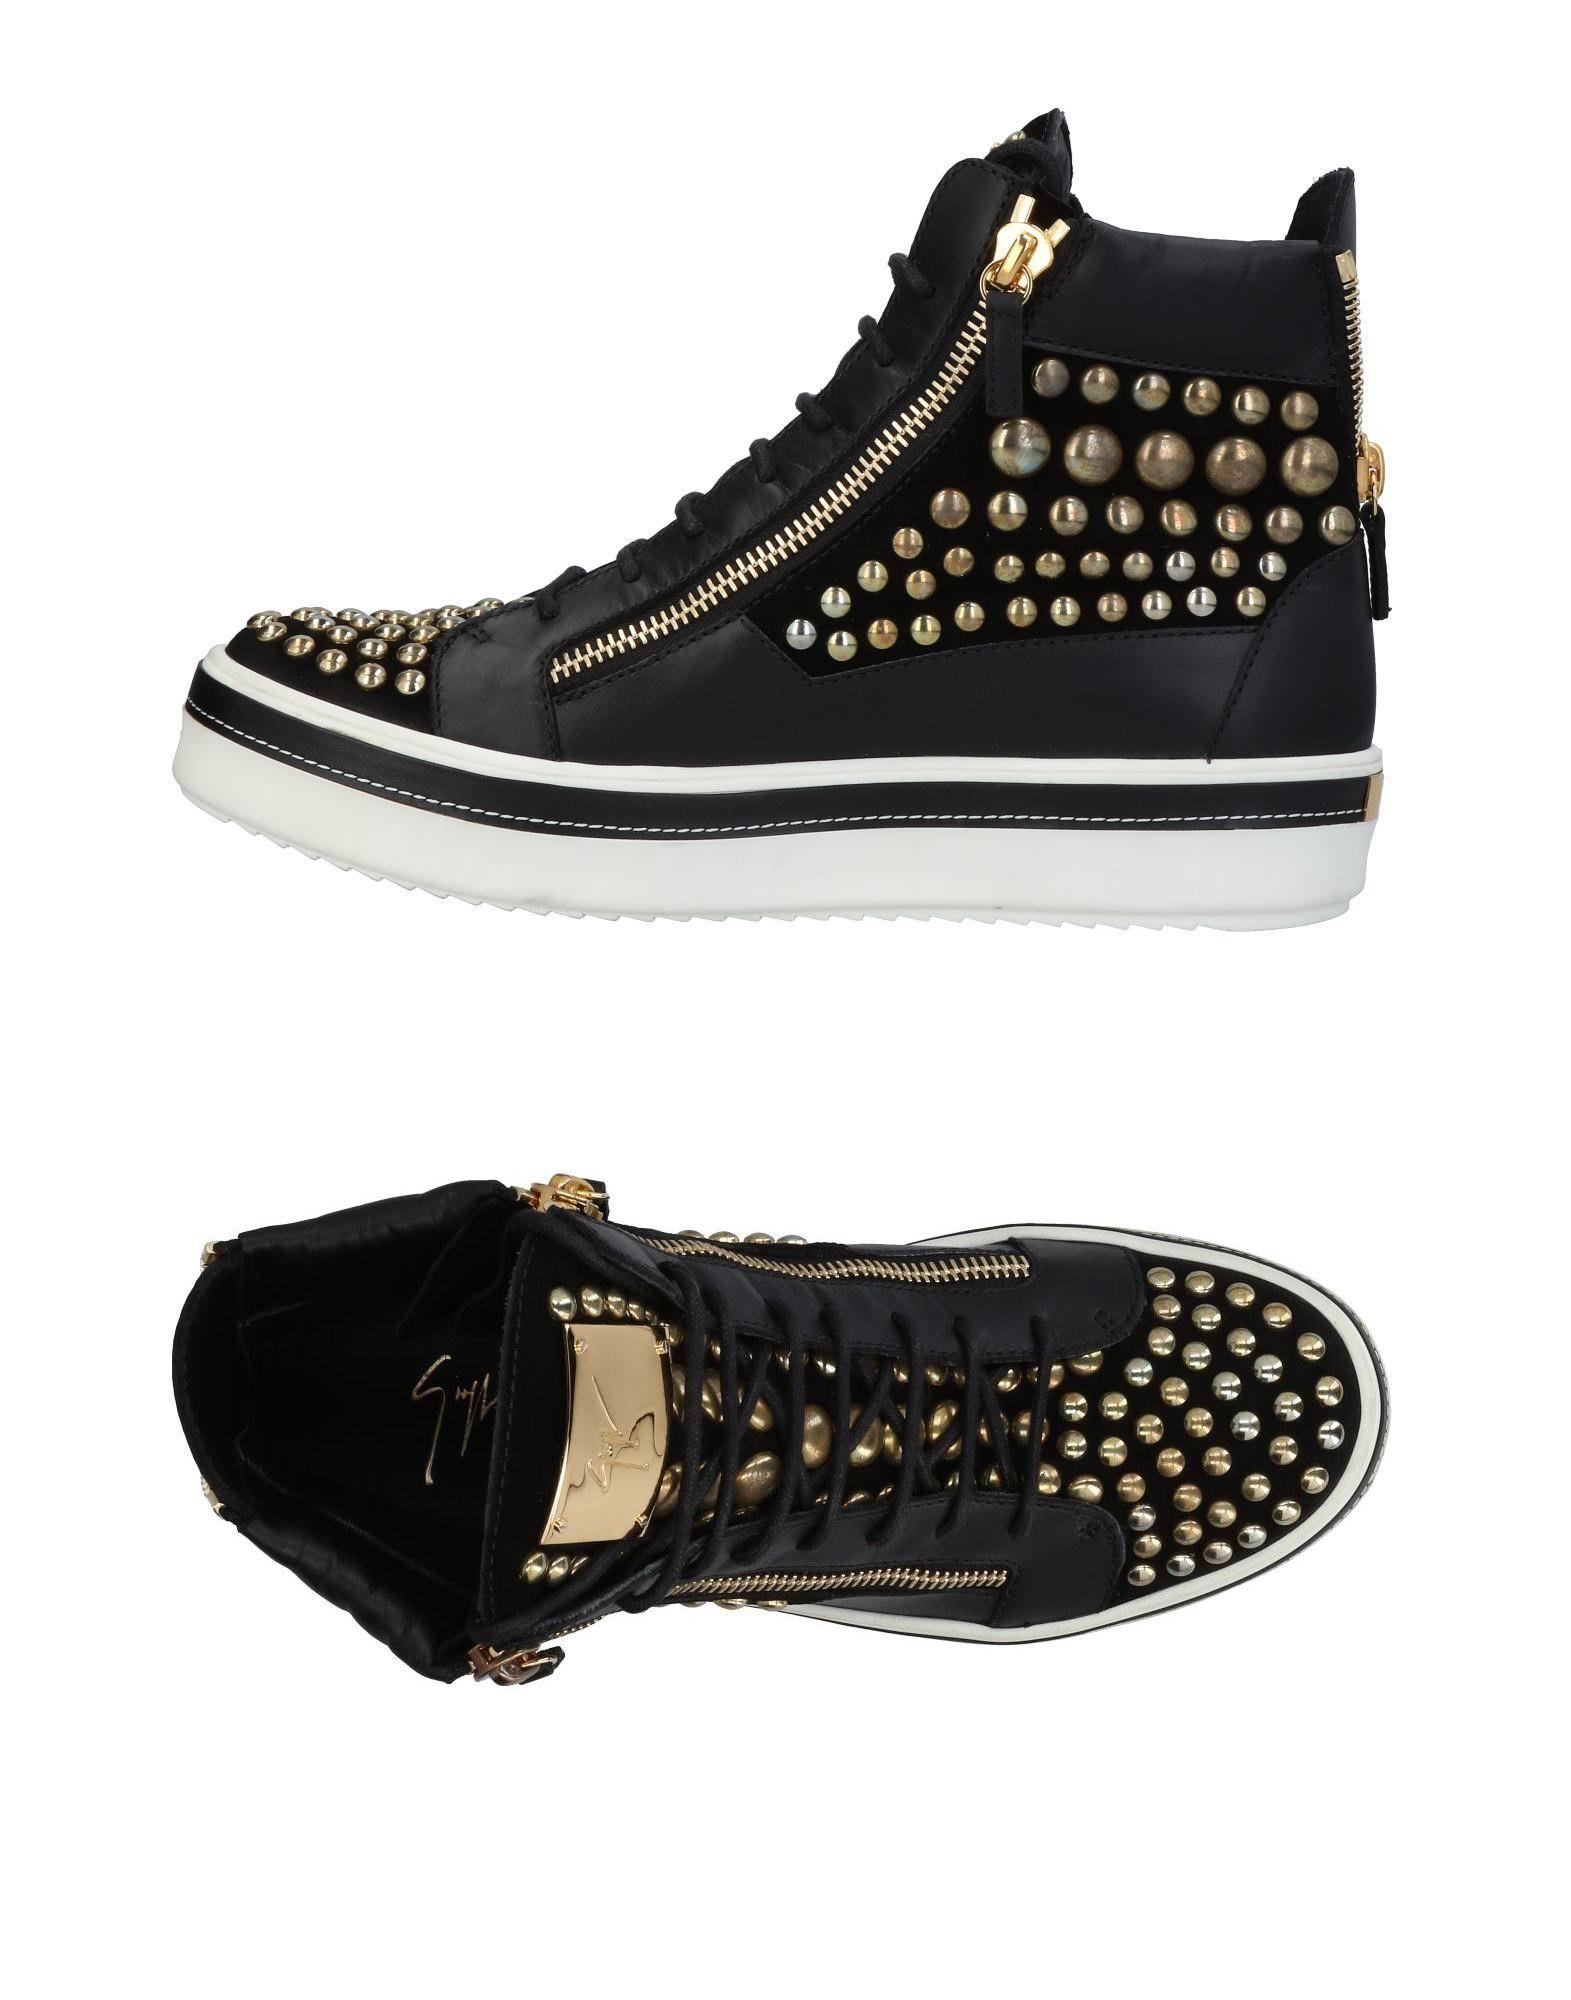 Giuseppe Zanotti Sneakers Herren  11430816GN Gute Qualität beliebte Schuhe